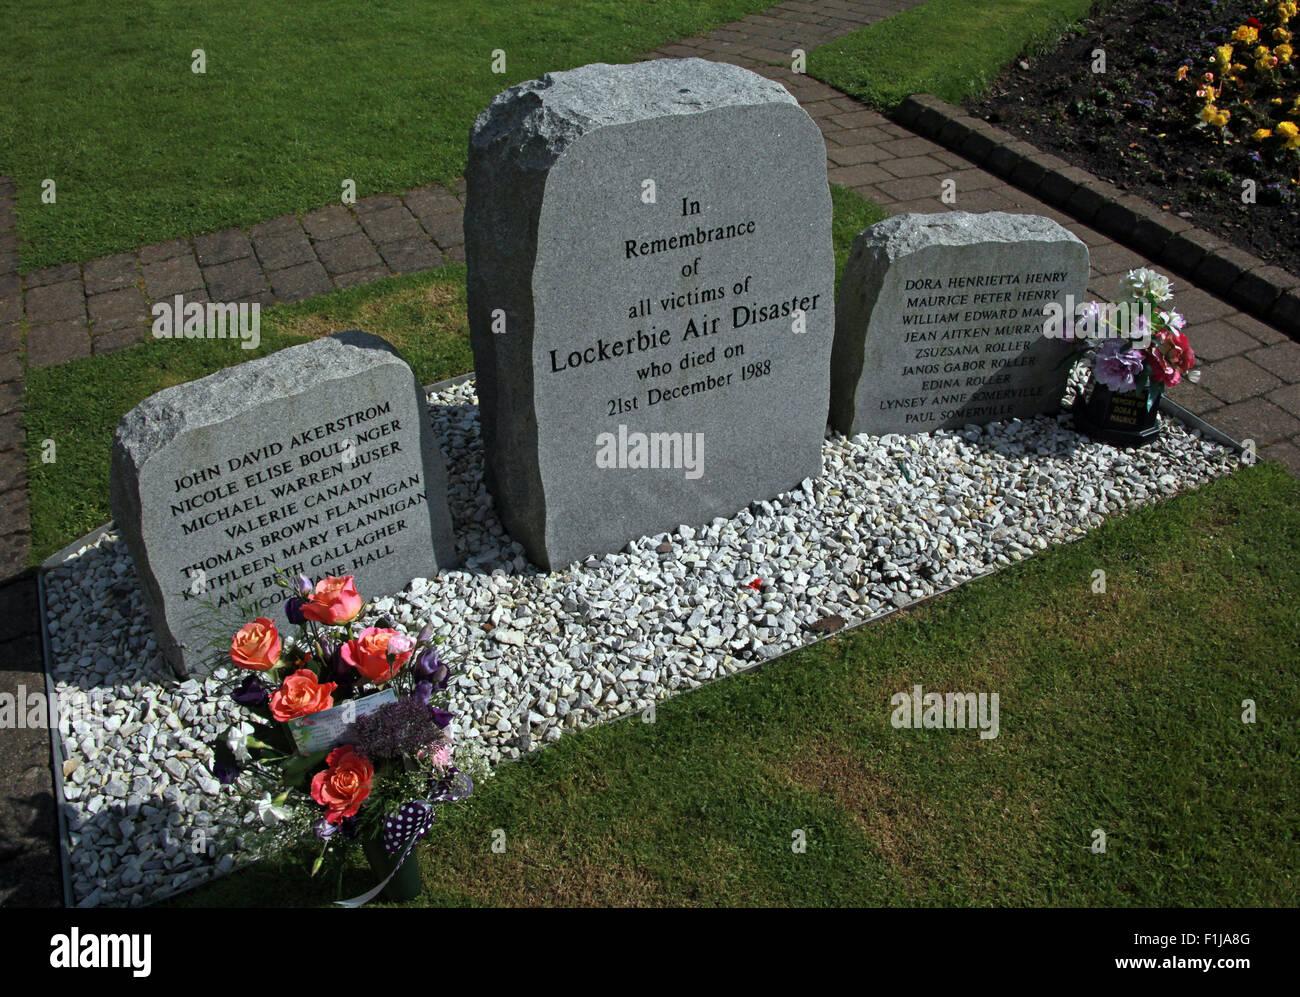 Laden Sie dieses Alamy Stockfoto Lockerbie PanAm103 In Erinnerung Memorial, Schottland - F1JA8G